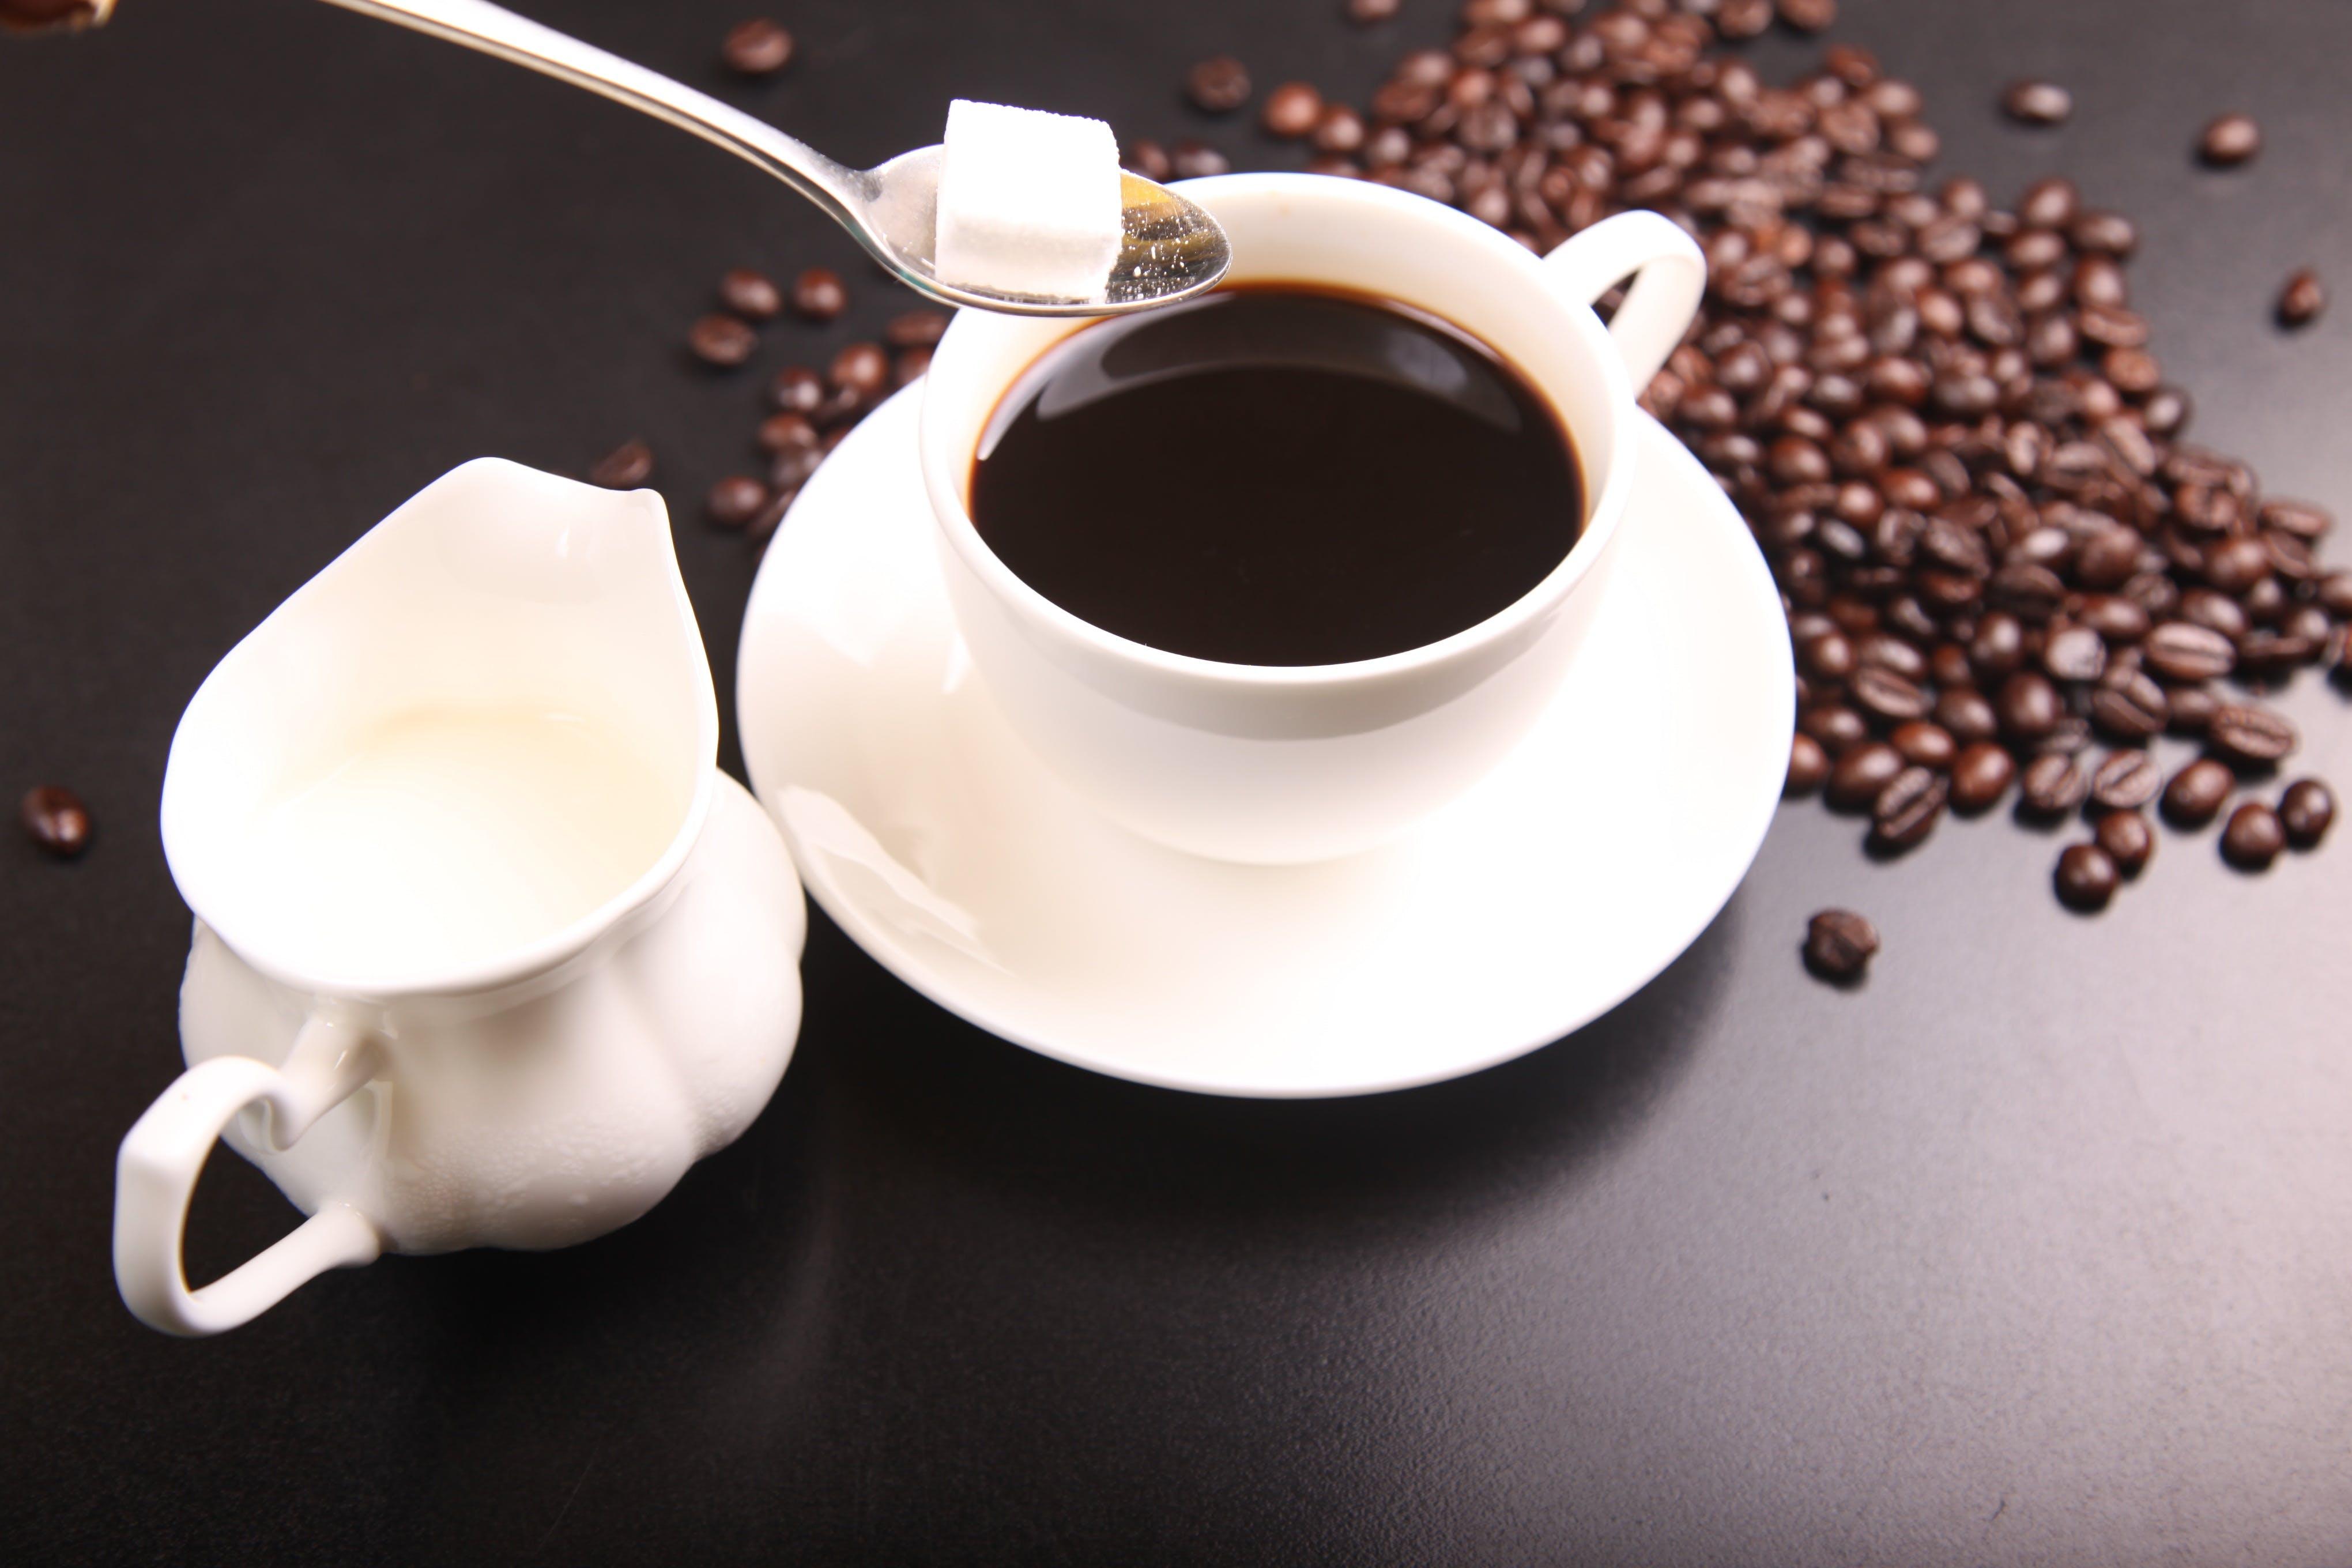 Foto d'estoc gratuïta de cafè, cafeïna, grans de cafè, restaurant